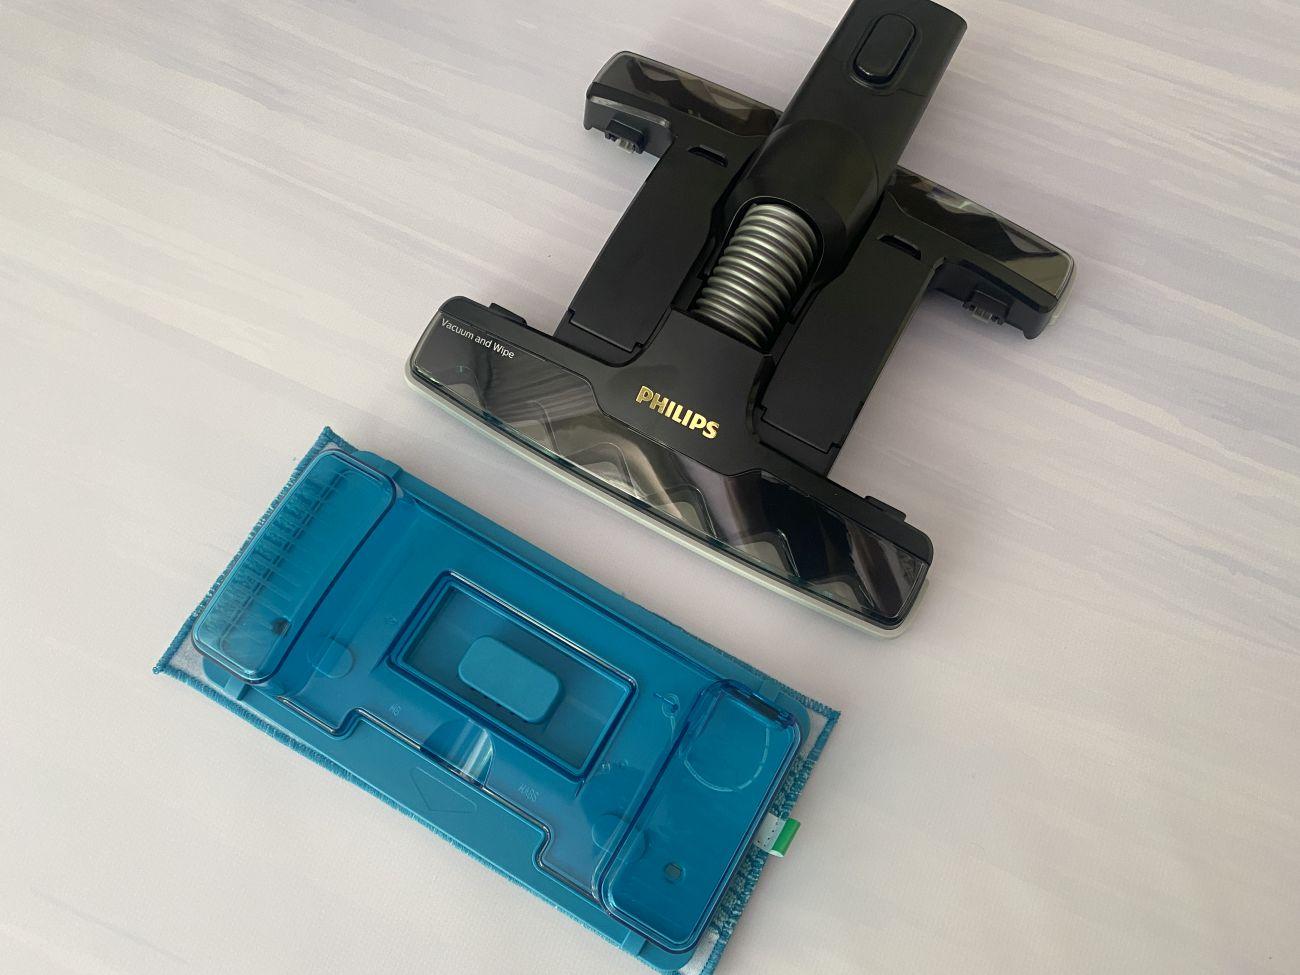 Philips XC8349/01 nasadka Aqua mopująca podłogi 3